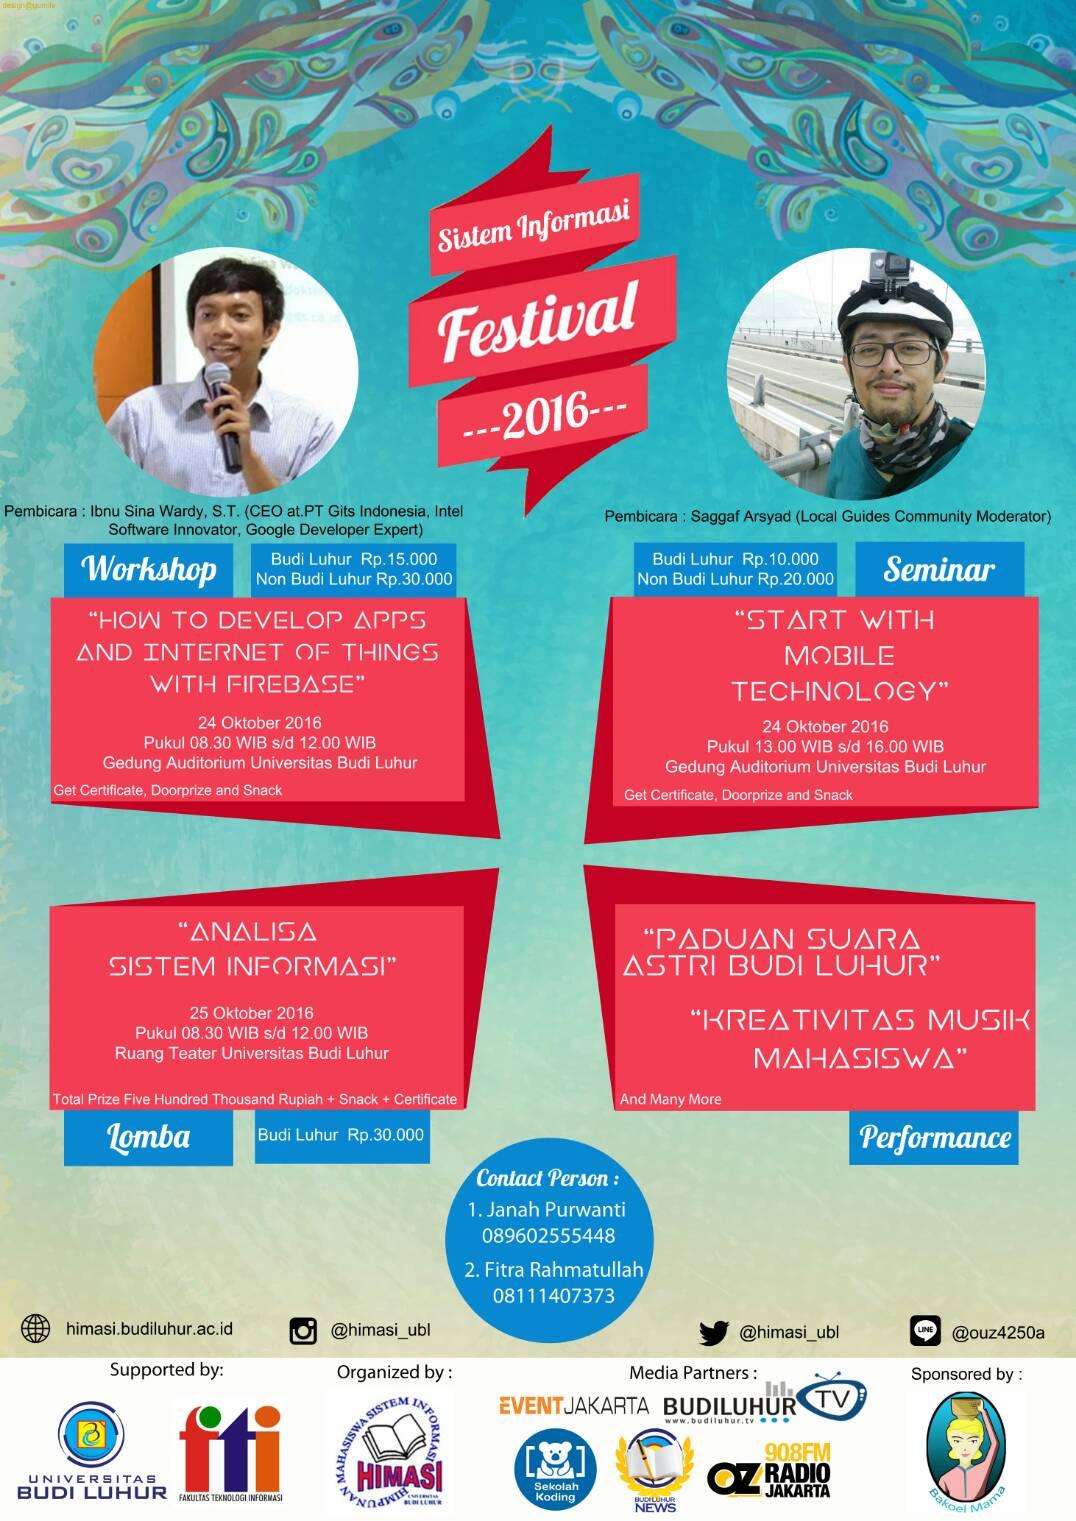 SI Fest 2016 Universitas Budi Luhur